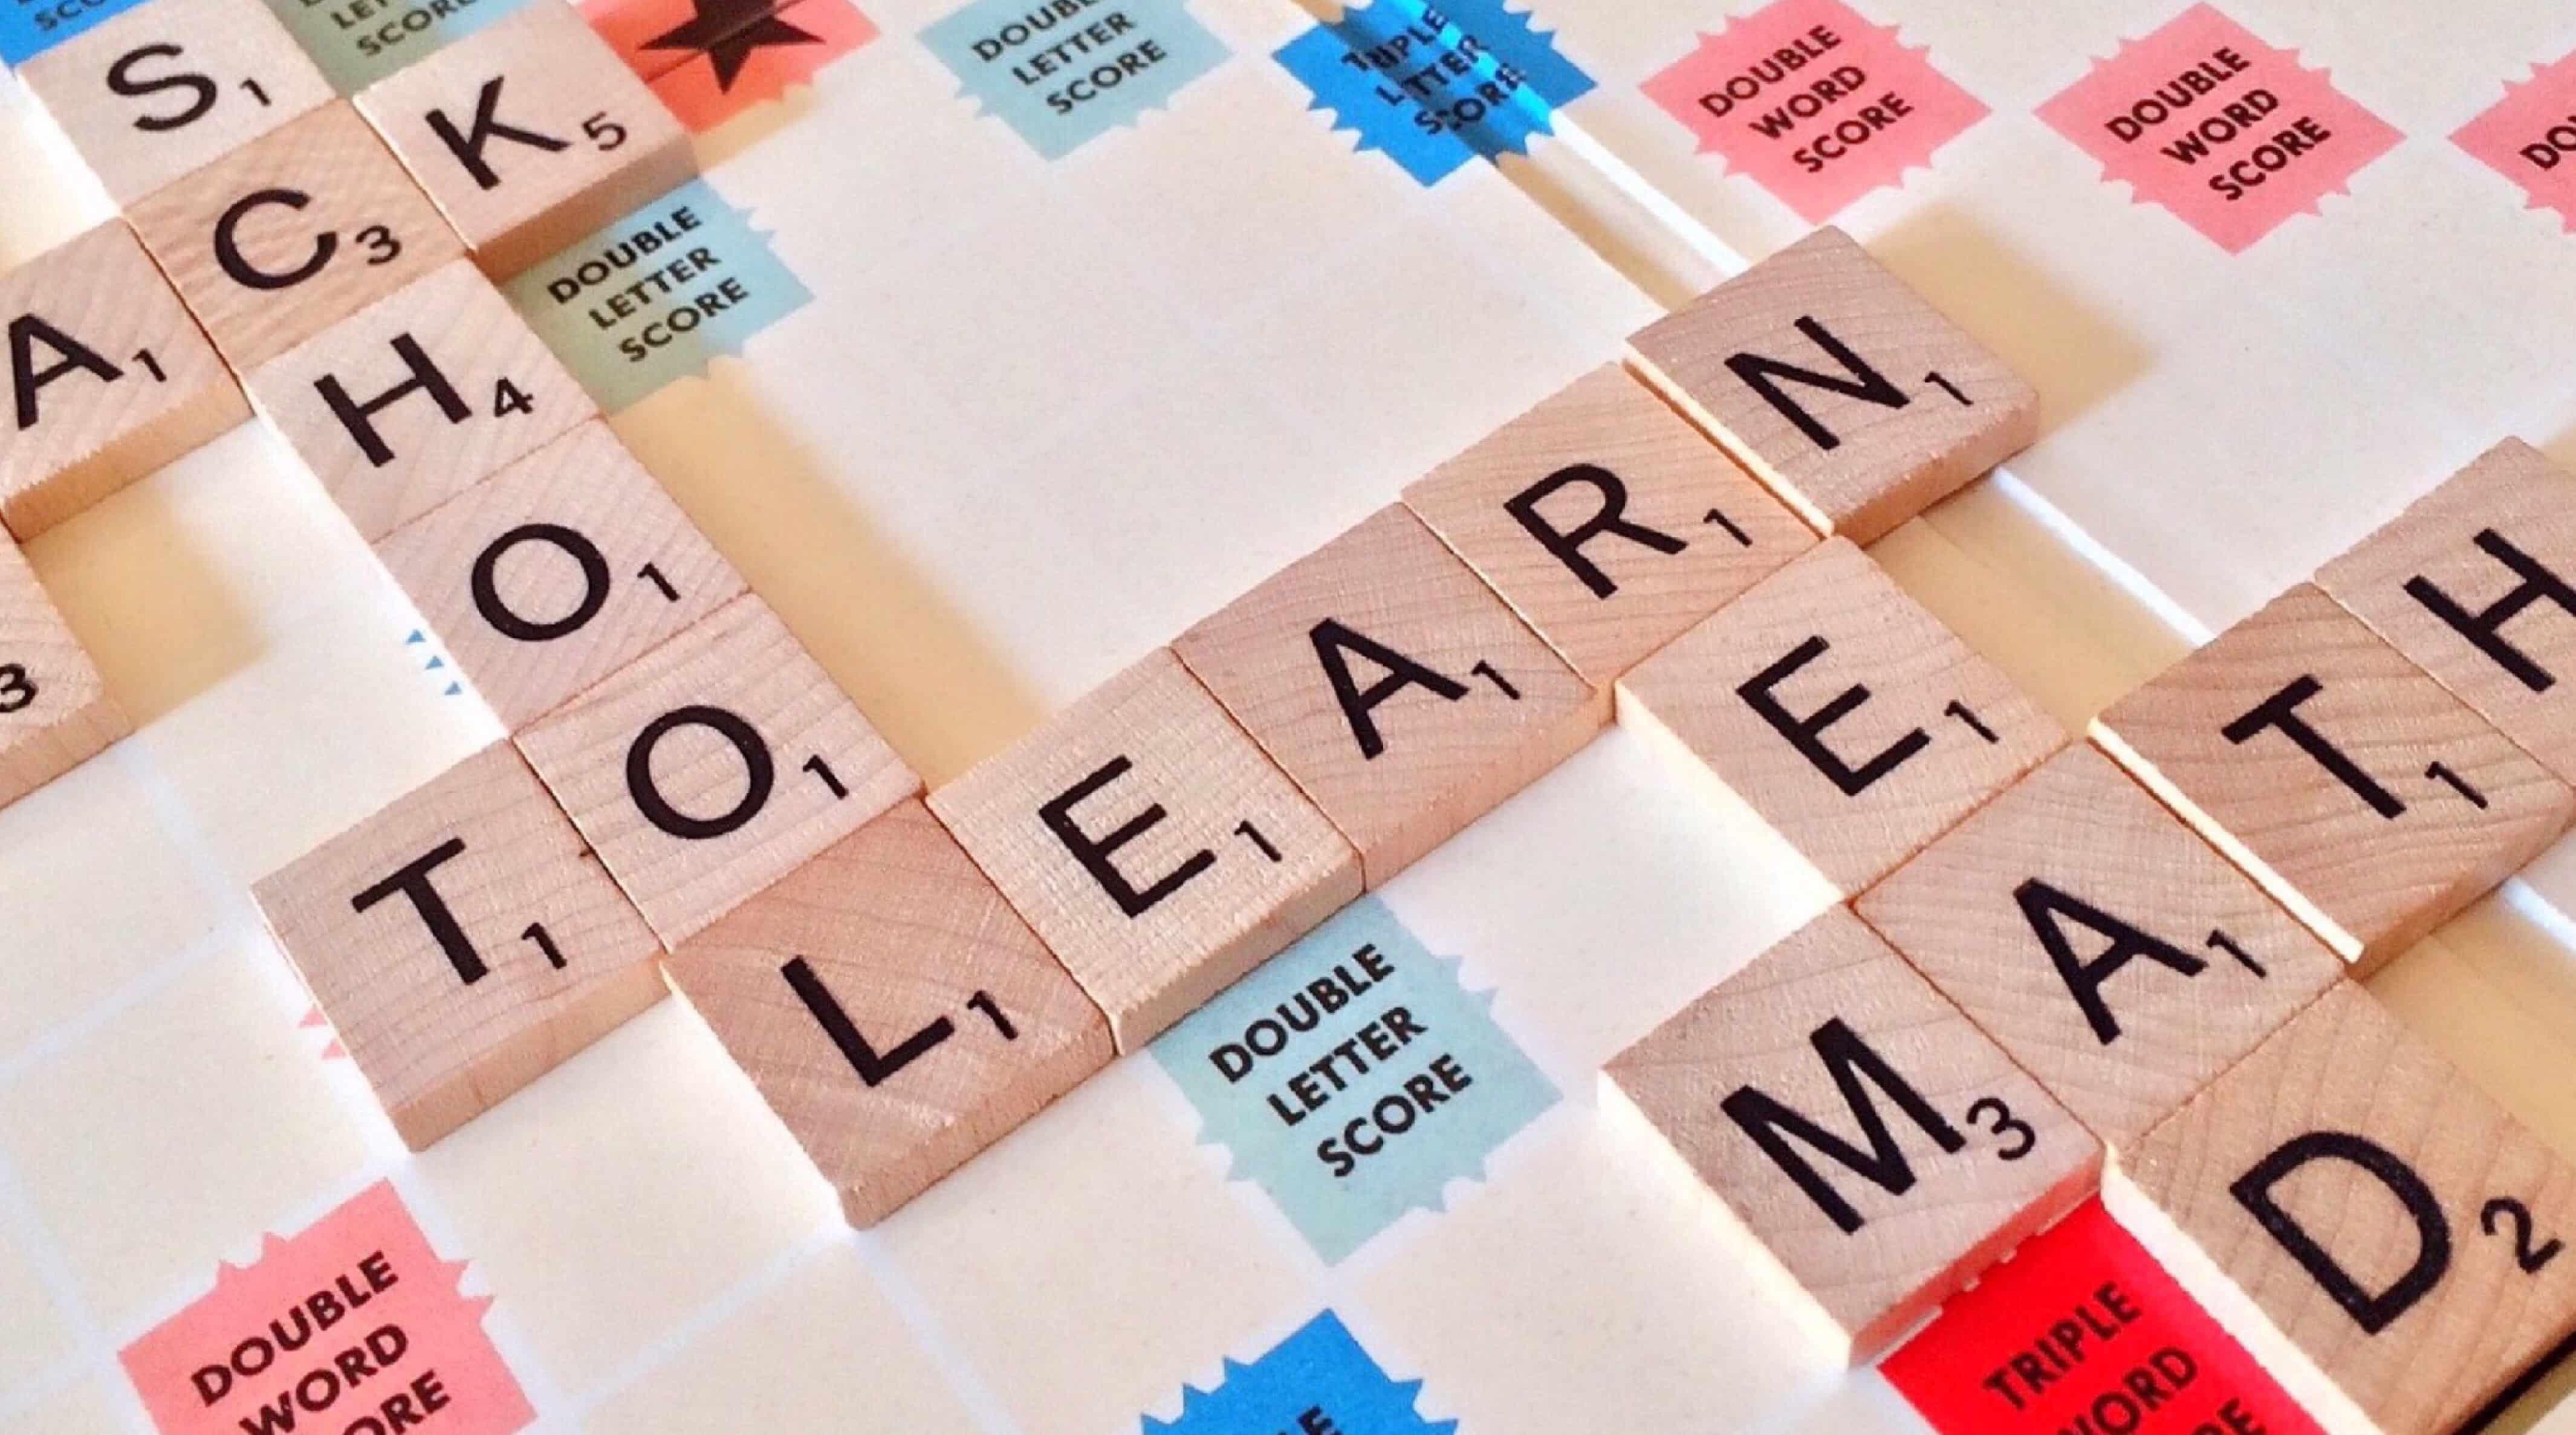 الثروة اللغوية - تحسين اللغة الانجليزية